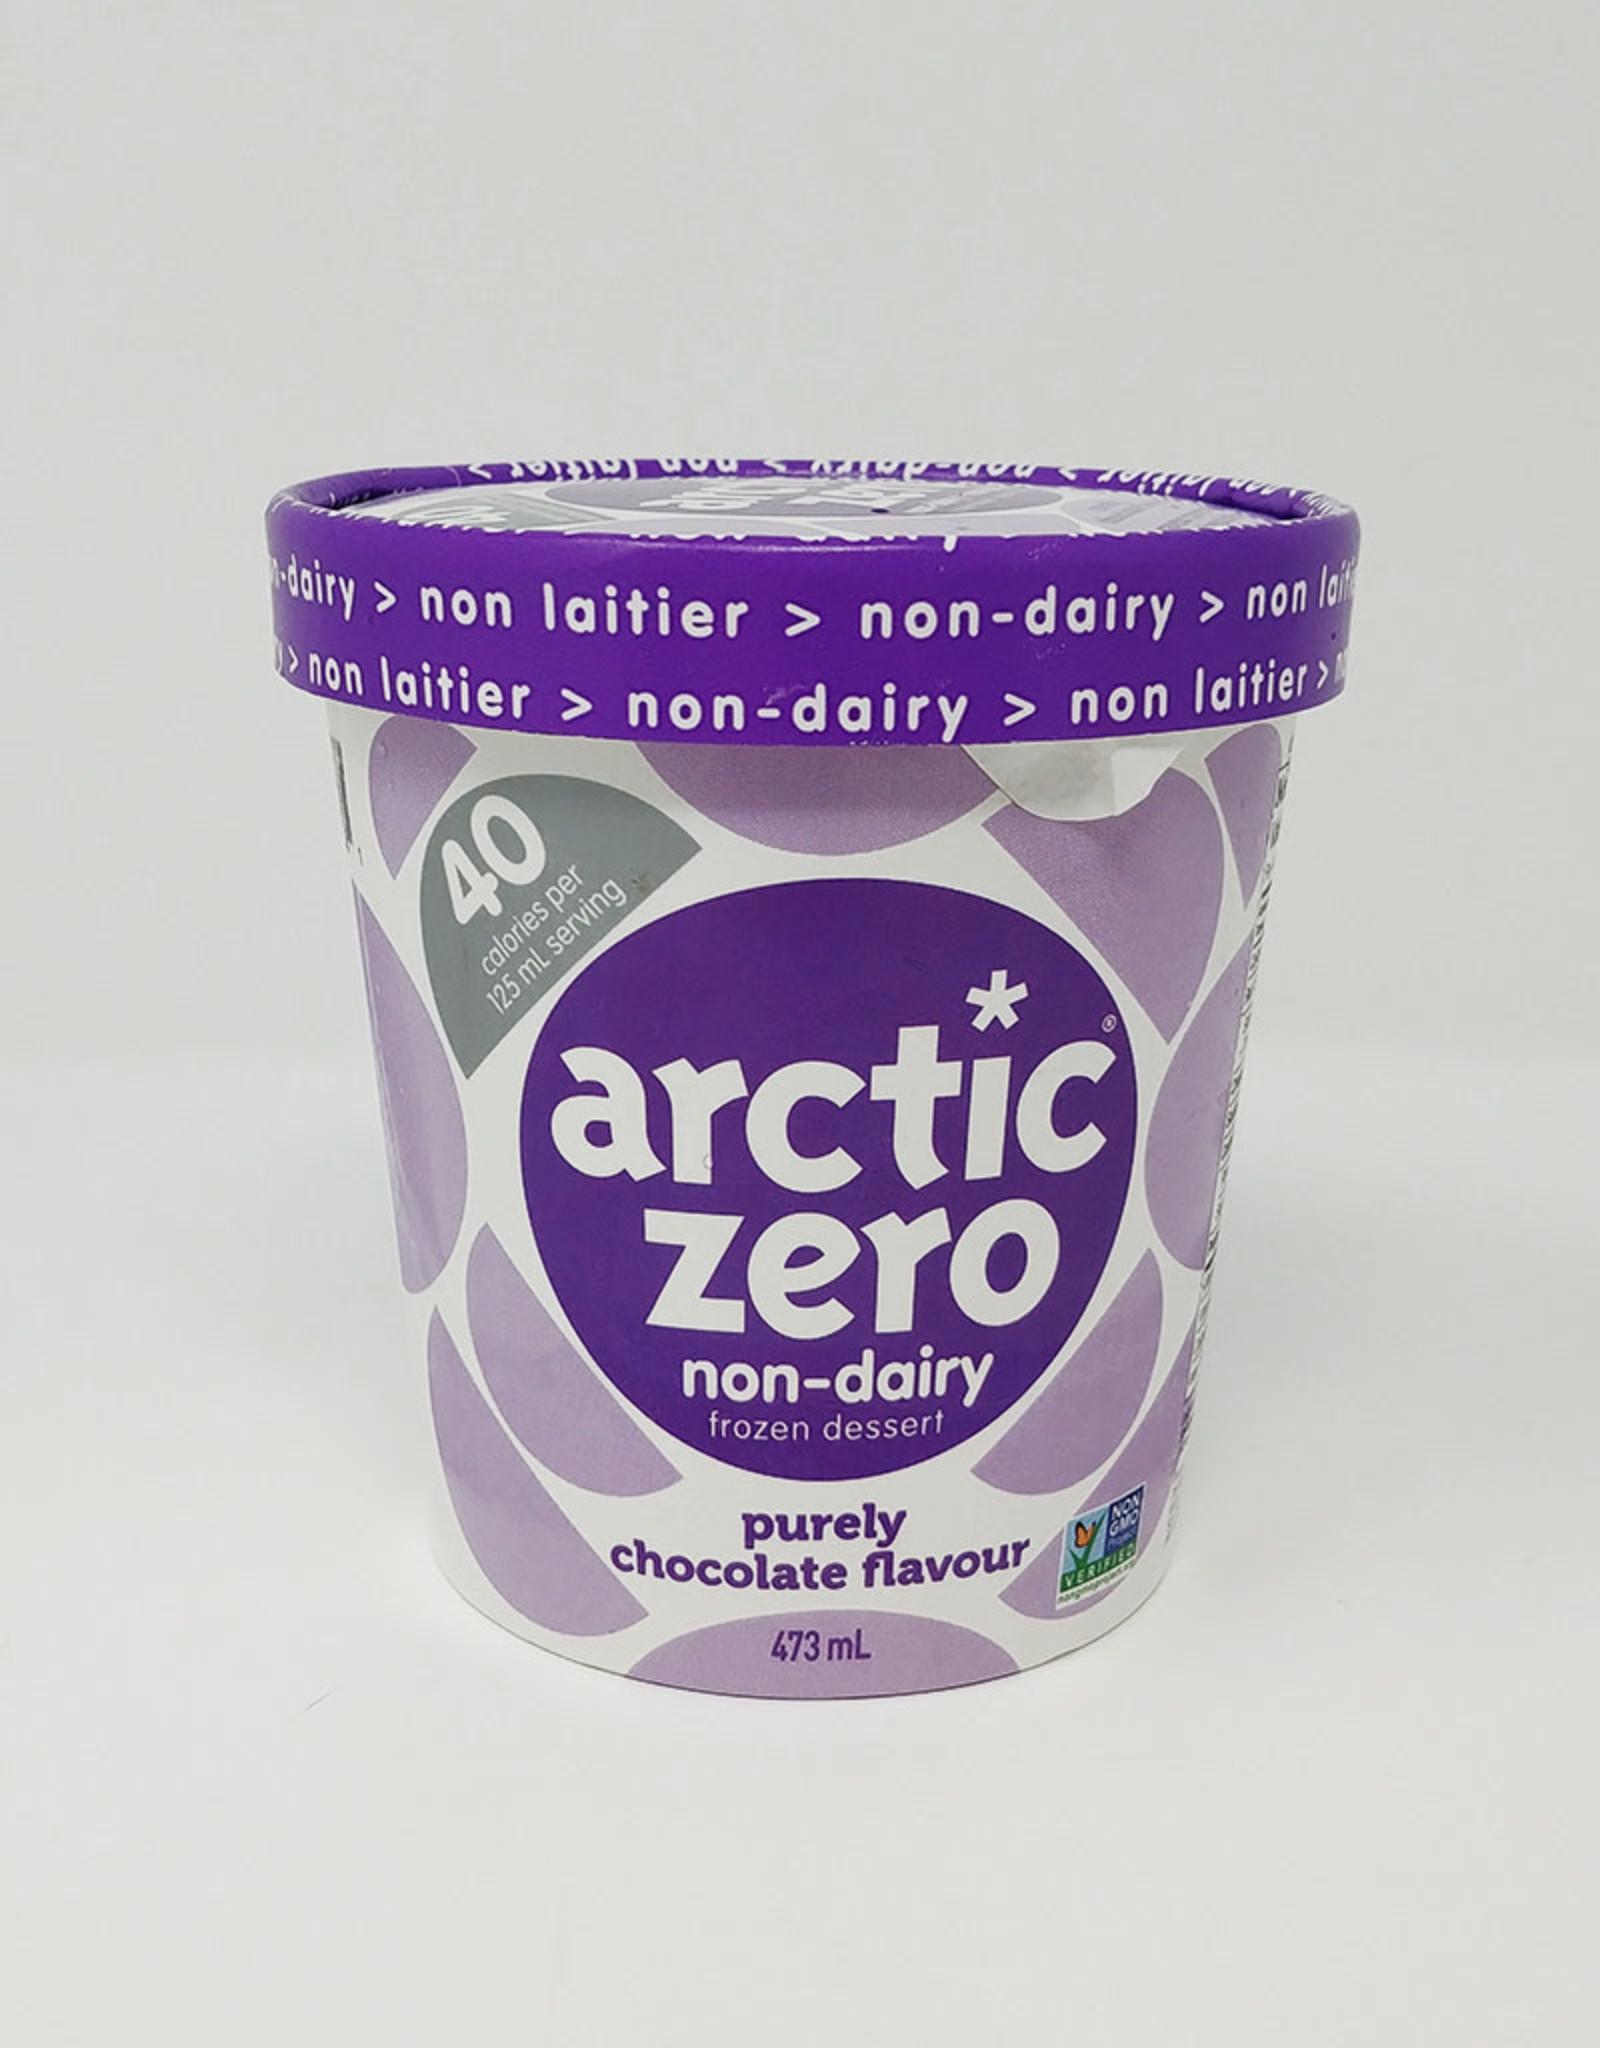 Arctic Zero Arctic Zero - Purely Chocolate (473ml)